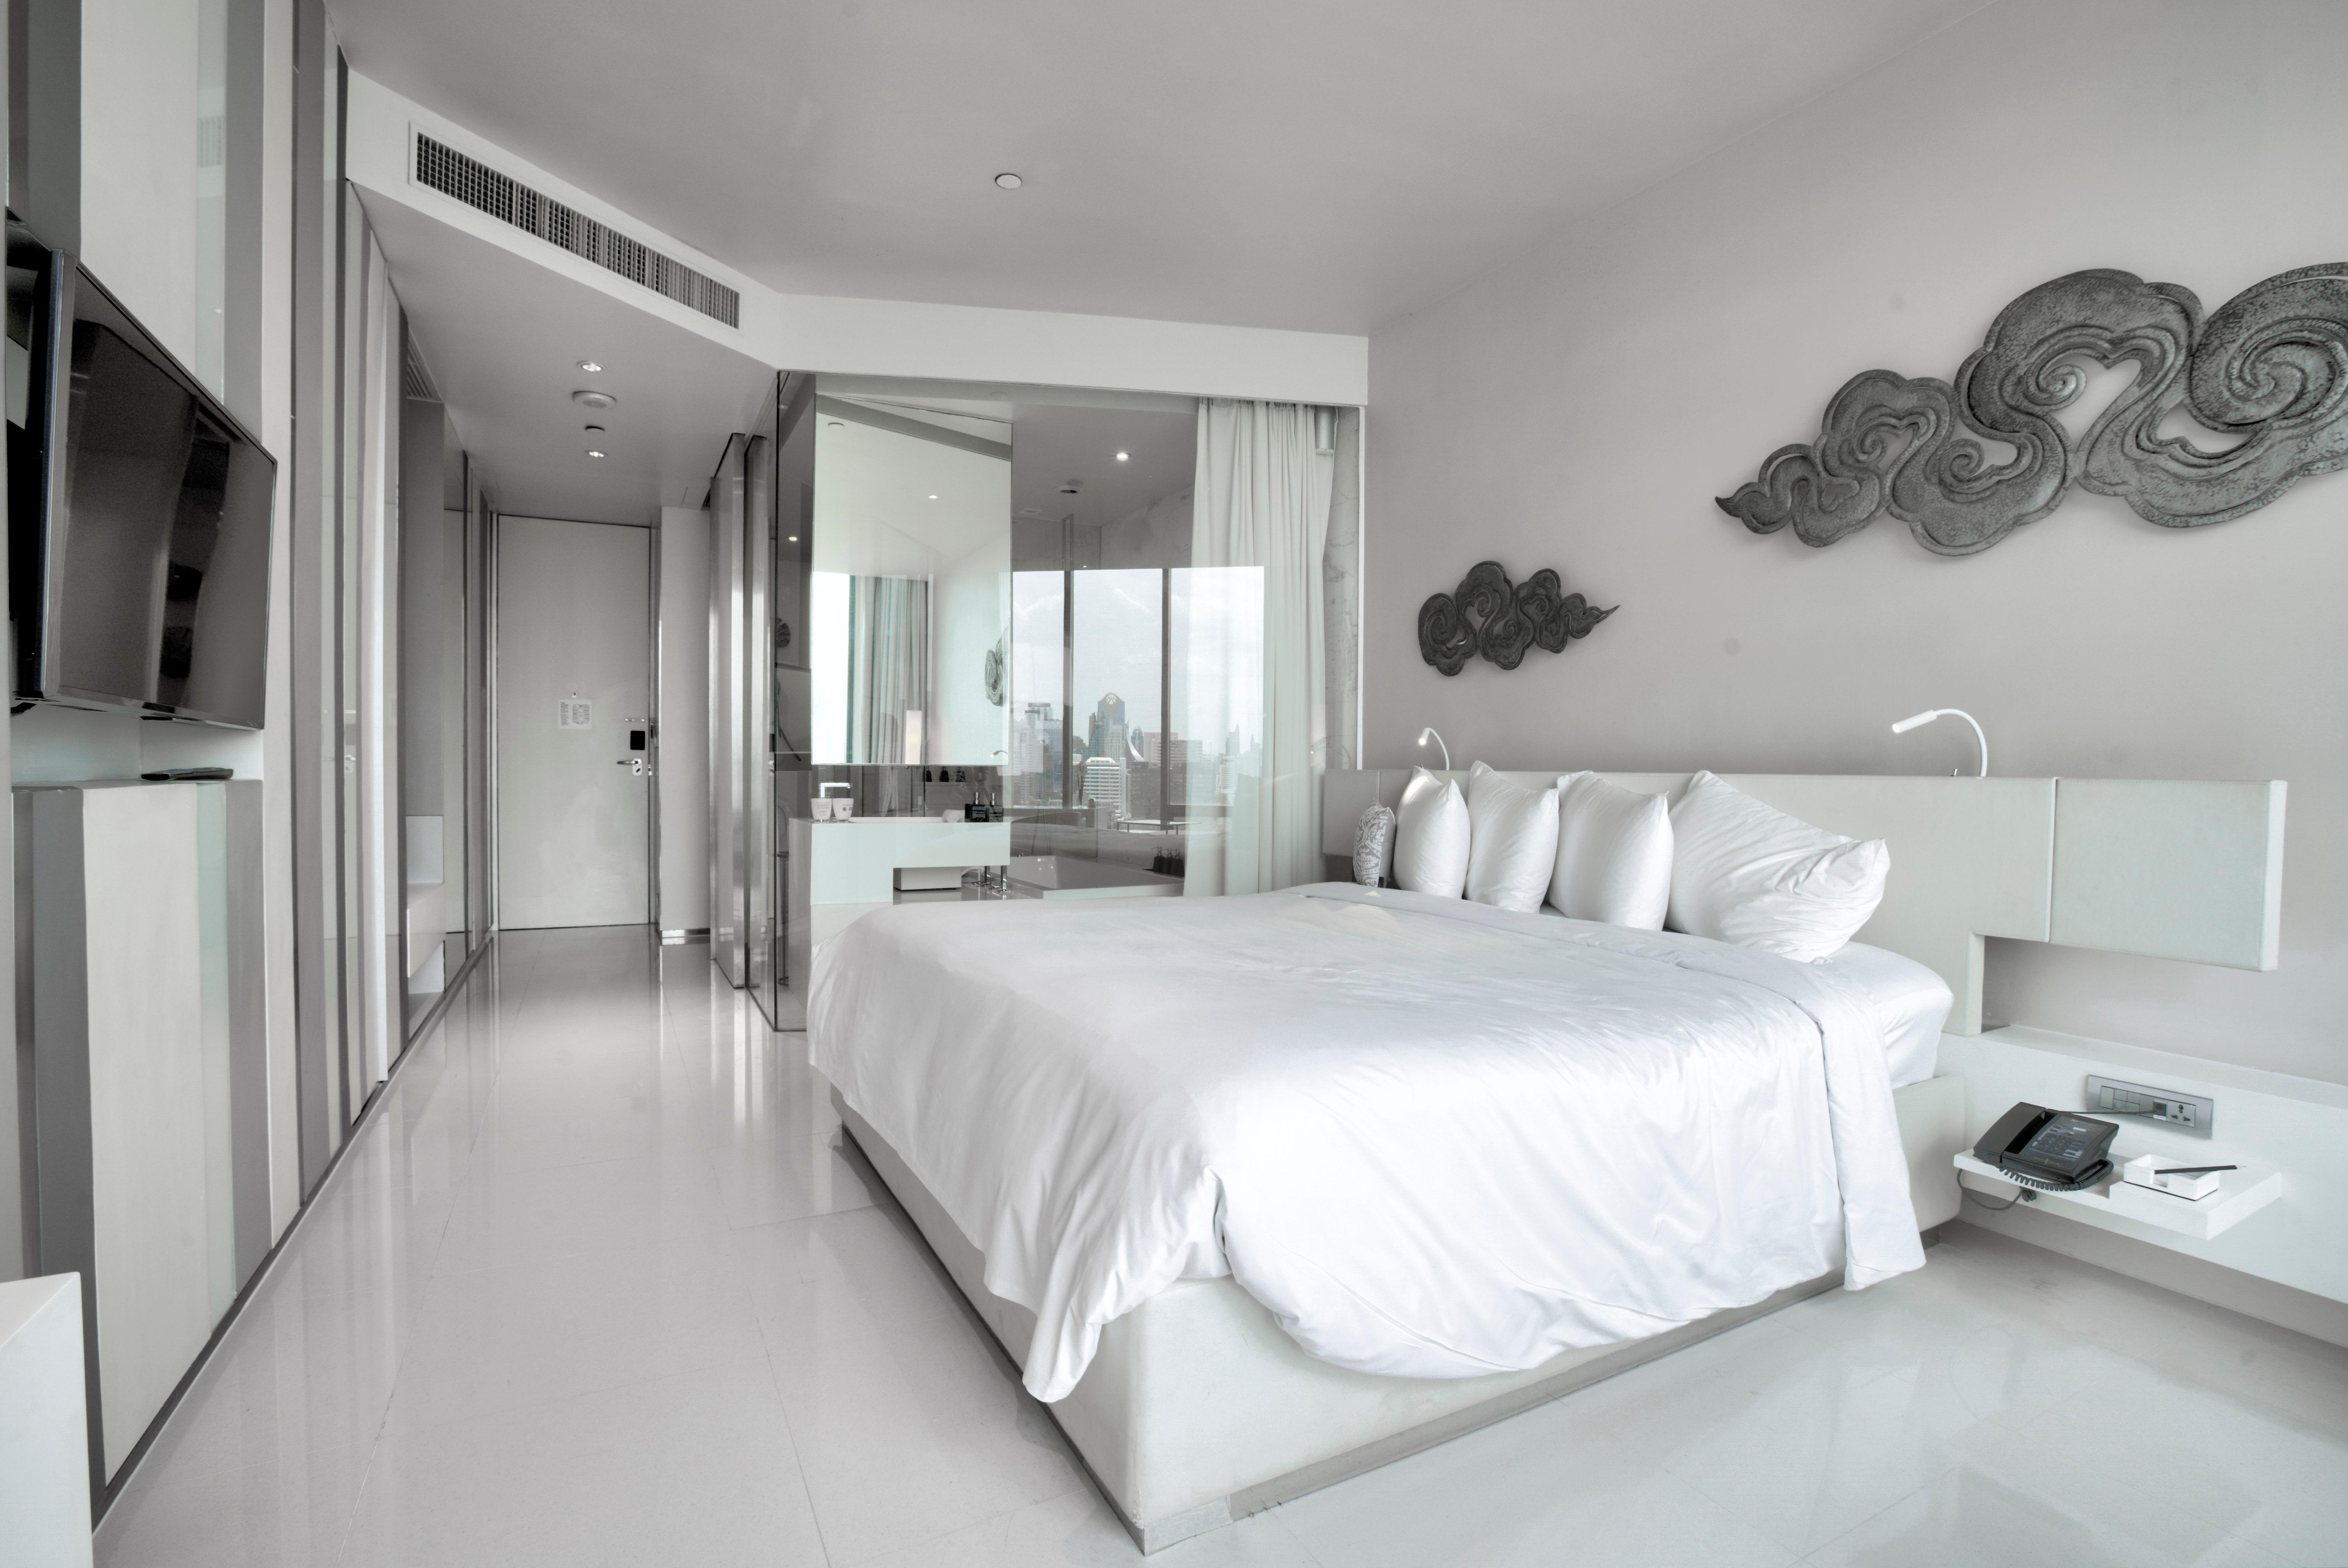 SO Comfy  image 1 at SO Sofitel Bangkok - 2019 by null, Krung Thep Maha Nakhon, Thailand